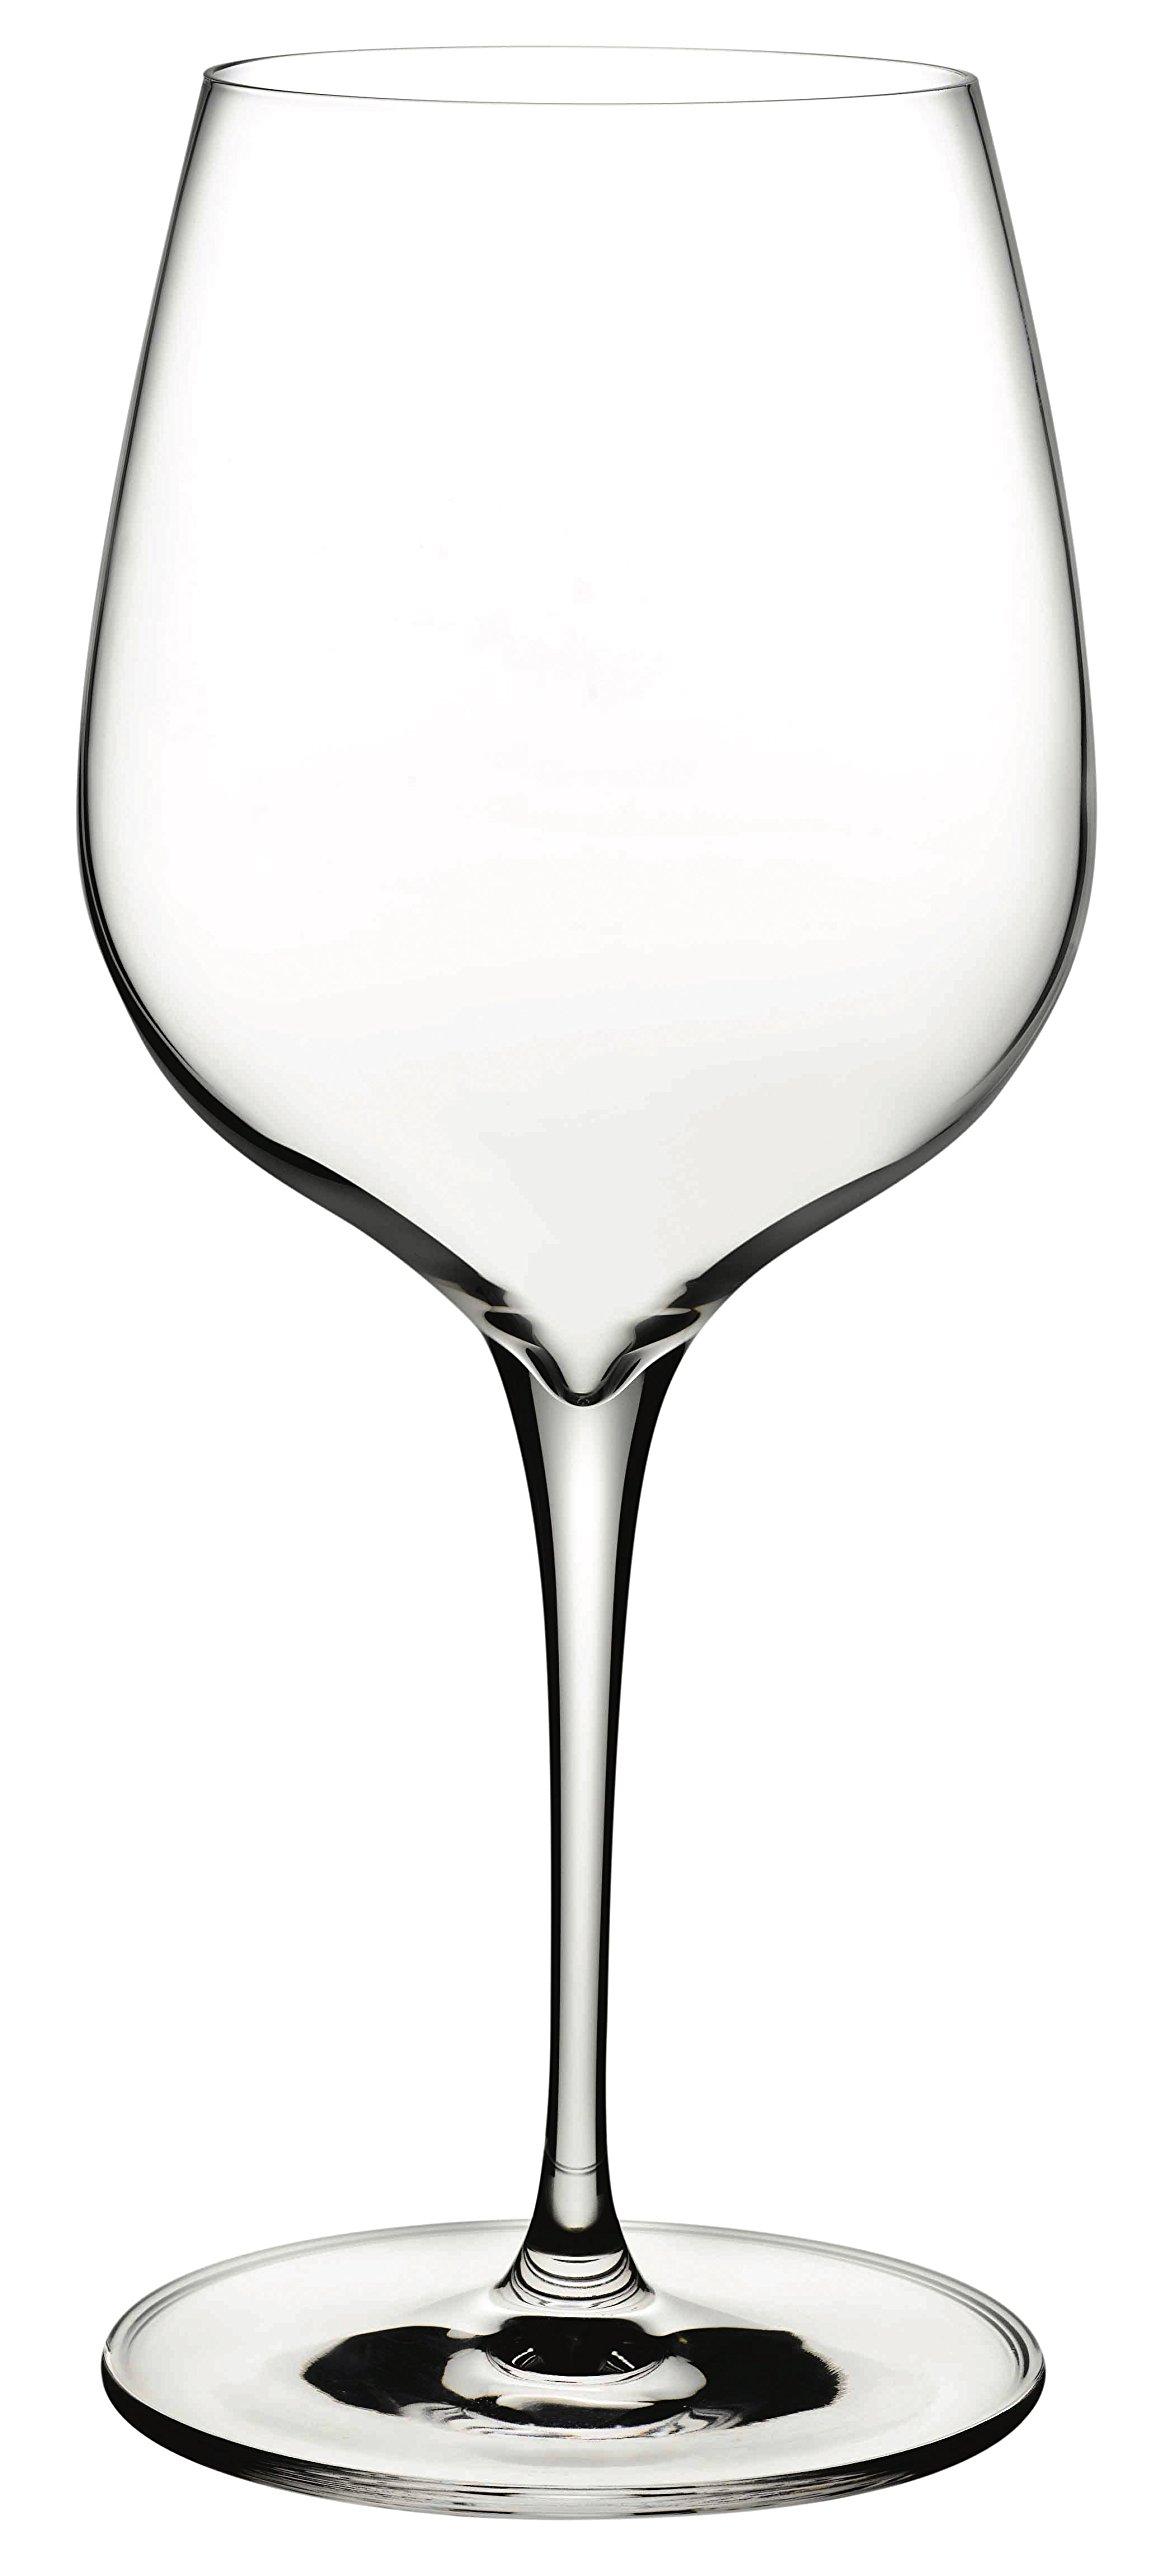 Hospitality Glass Brands 66096-012 Terroir Elegant Red Wine, 19.75 oz. (Pack of 12)